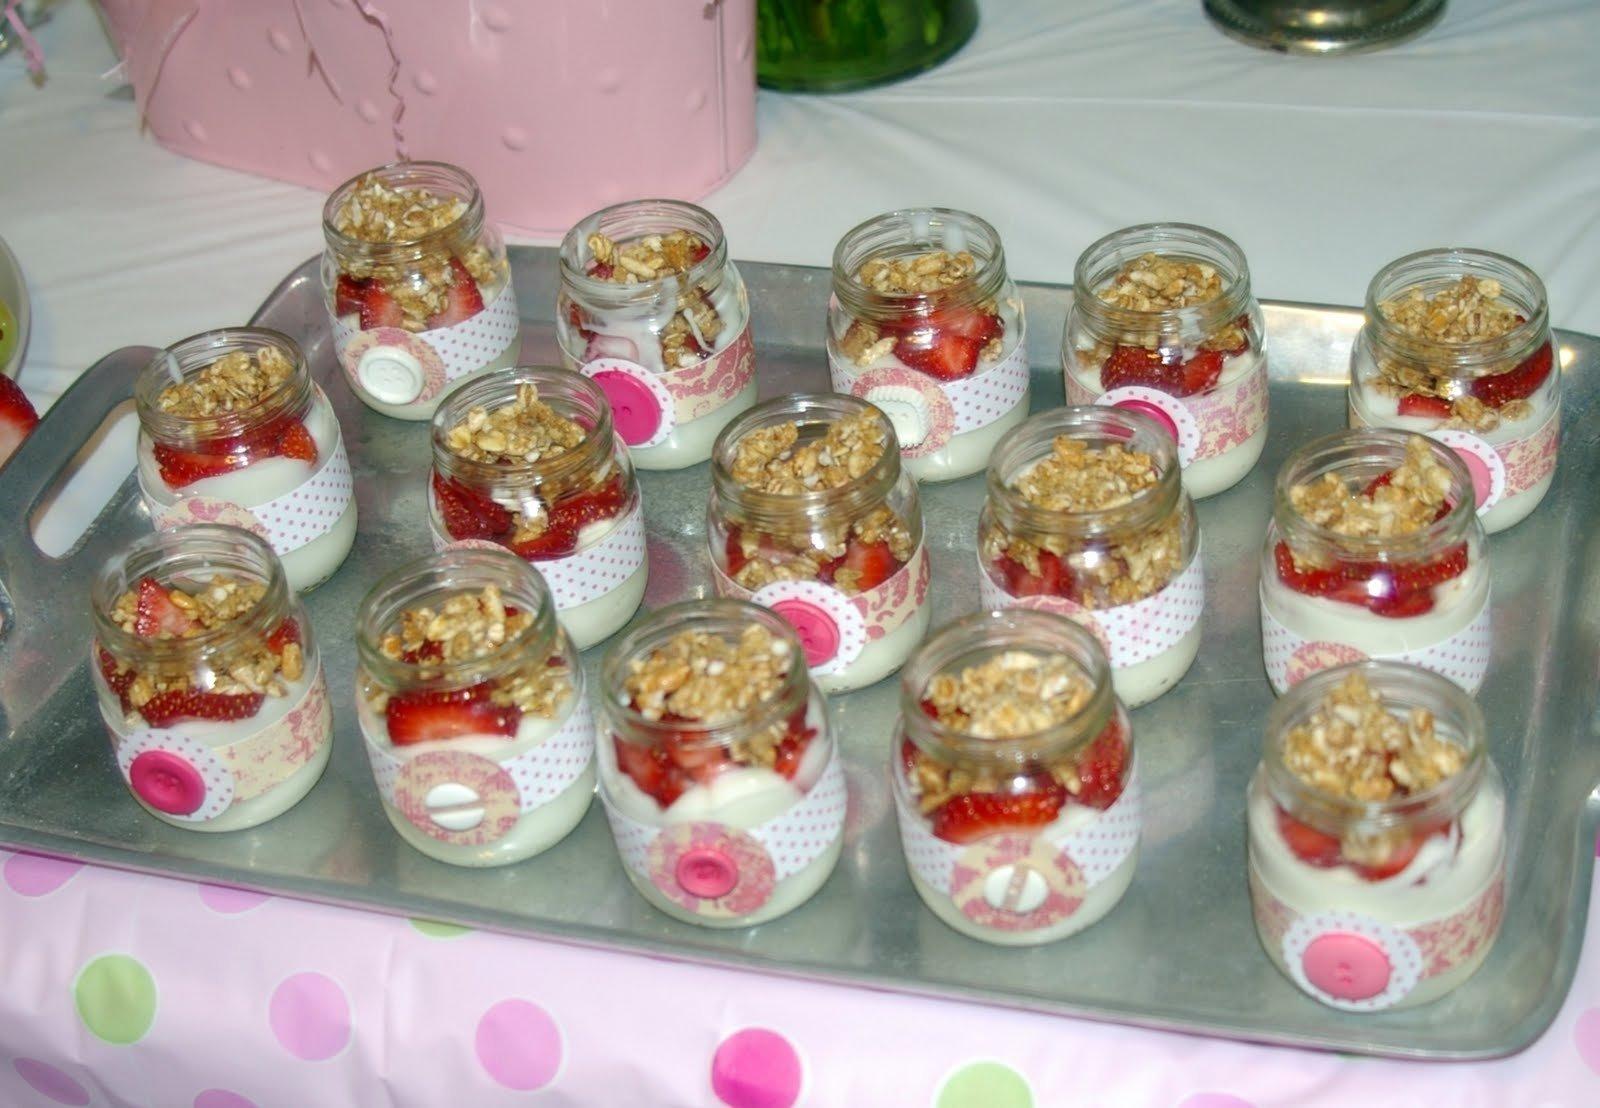 10 Attractive Unique Baby Shower Food Ideas baby shower food ideas cute baby shower finger food ideas 2 2021